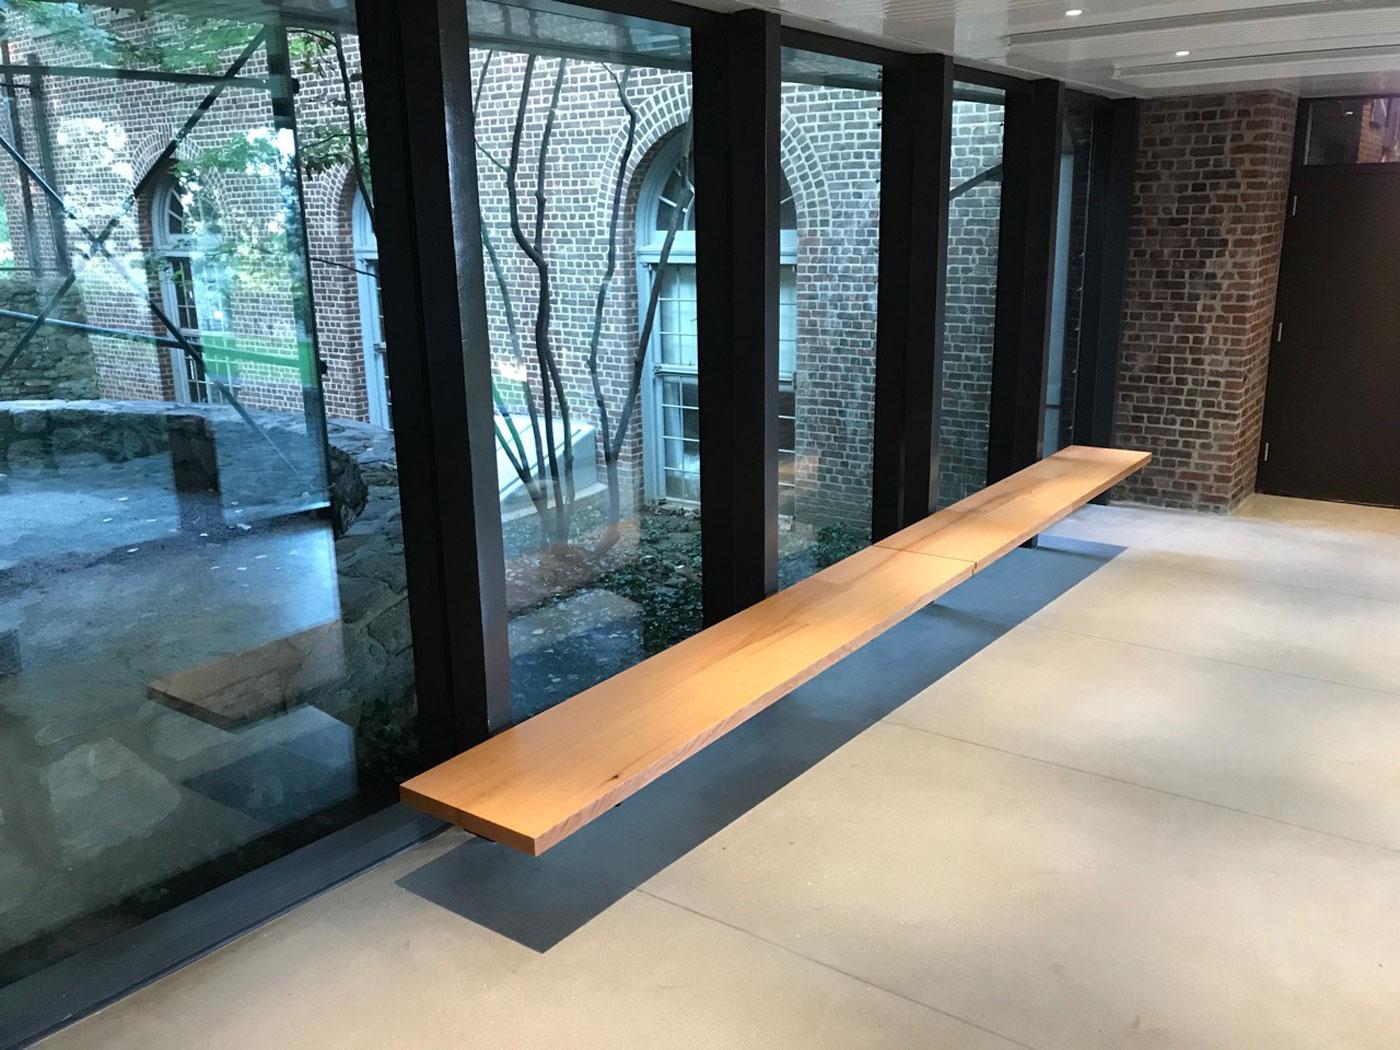 tate-vestibule-bench3